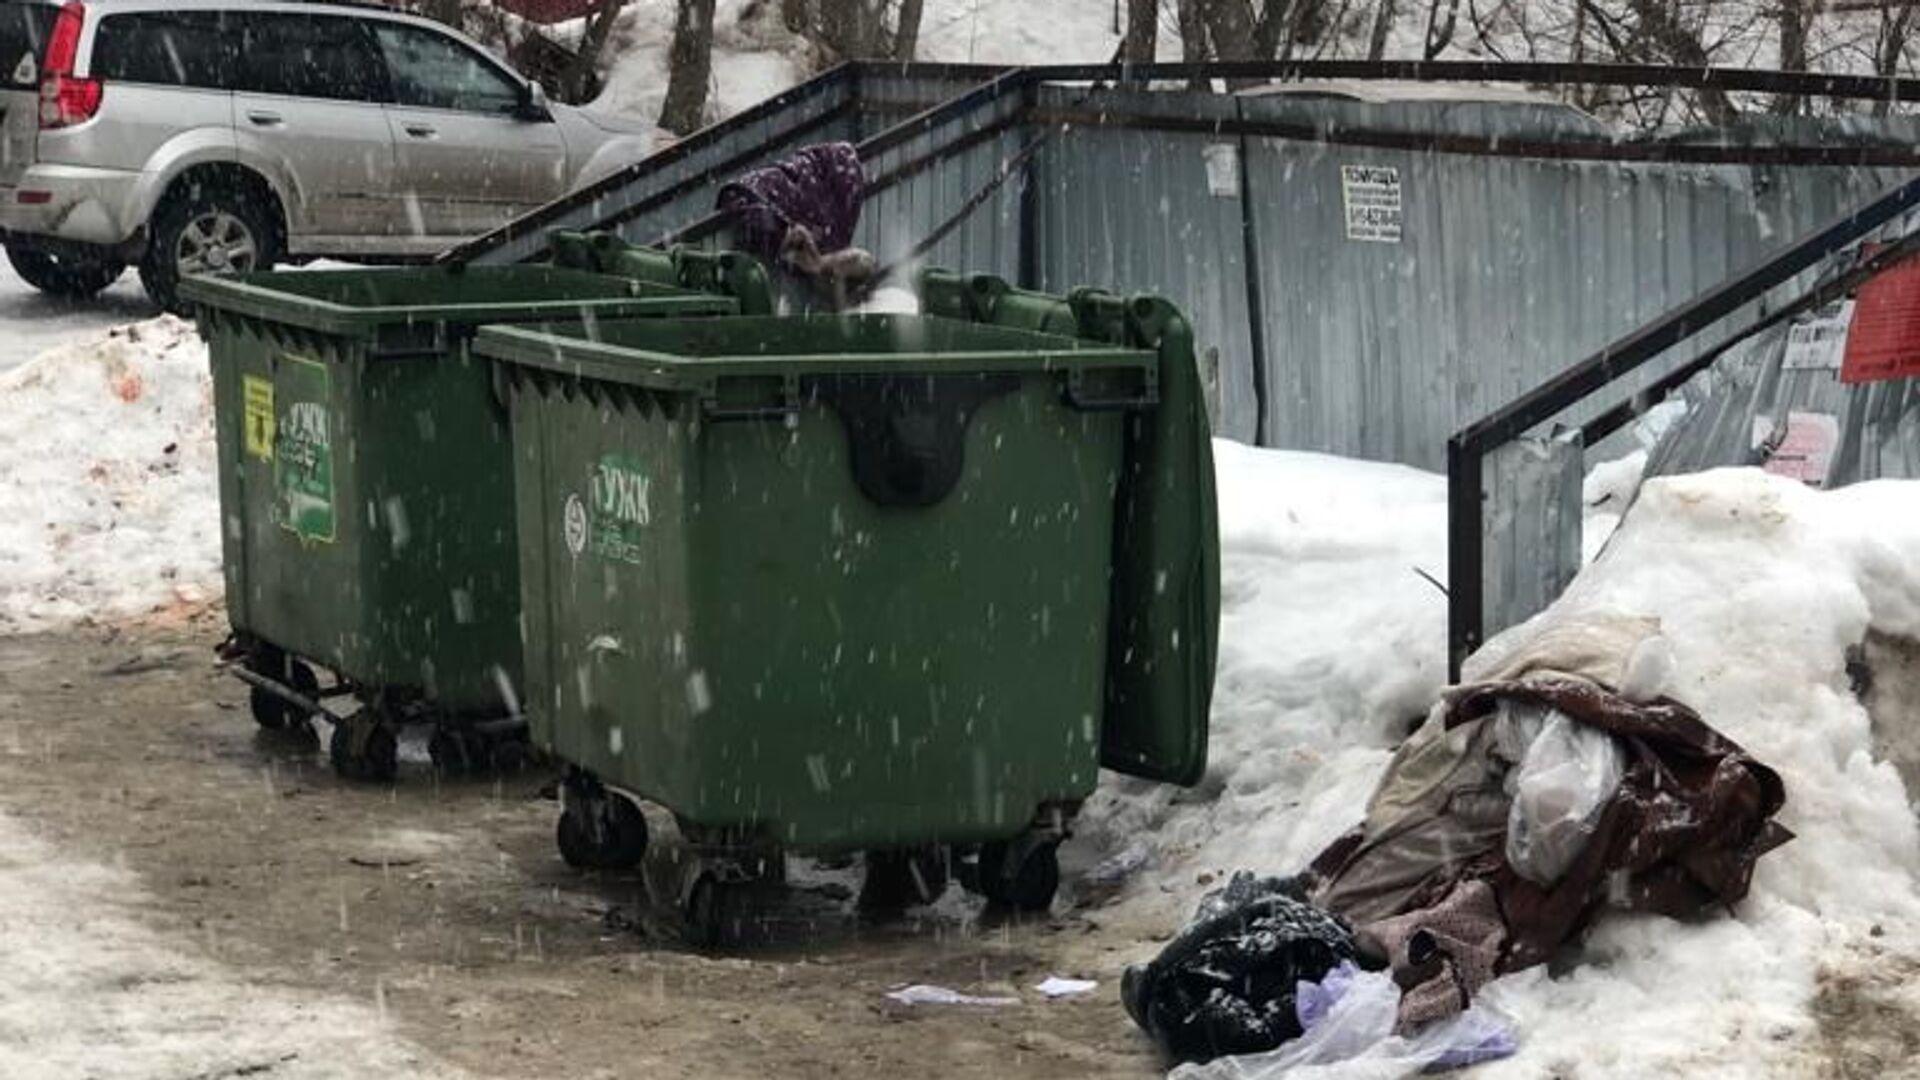 В Рязани мать выбросила новорожденного сына в мусорный контейнер - РИА Новости, 1920, 04.10.2020